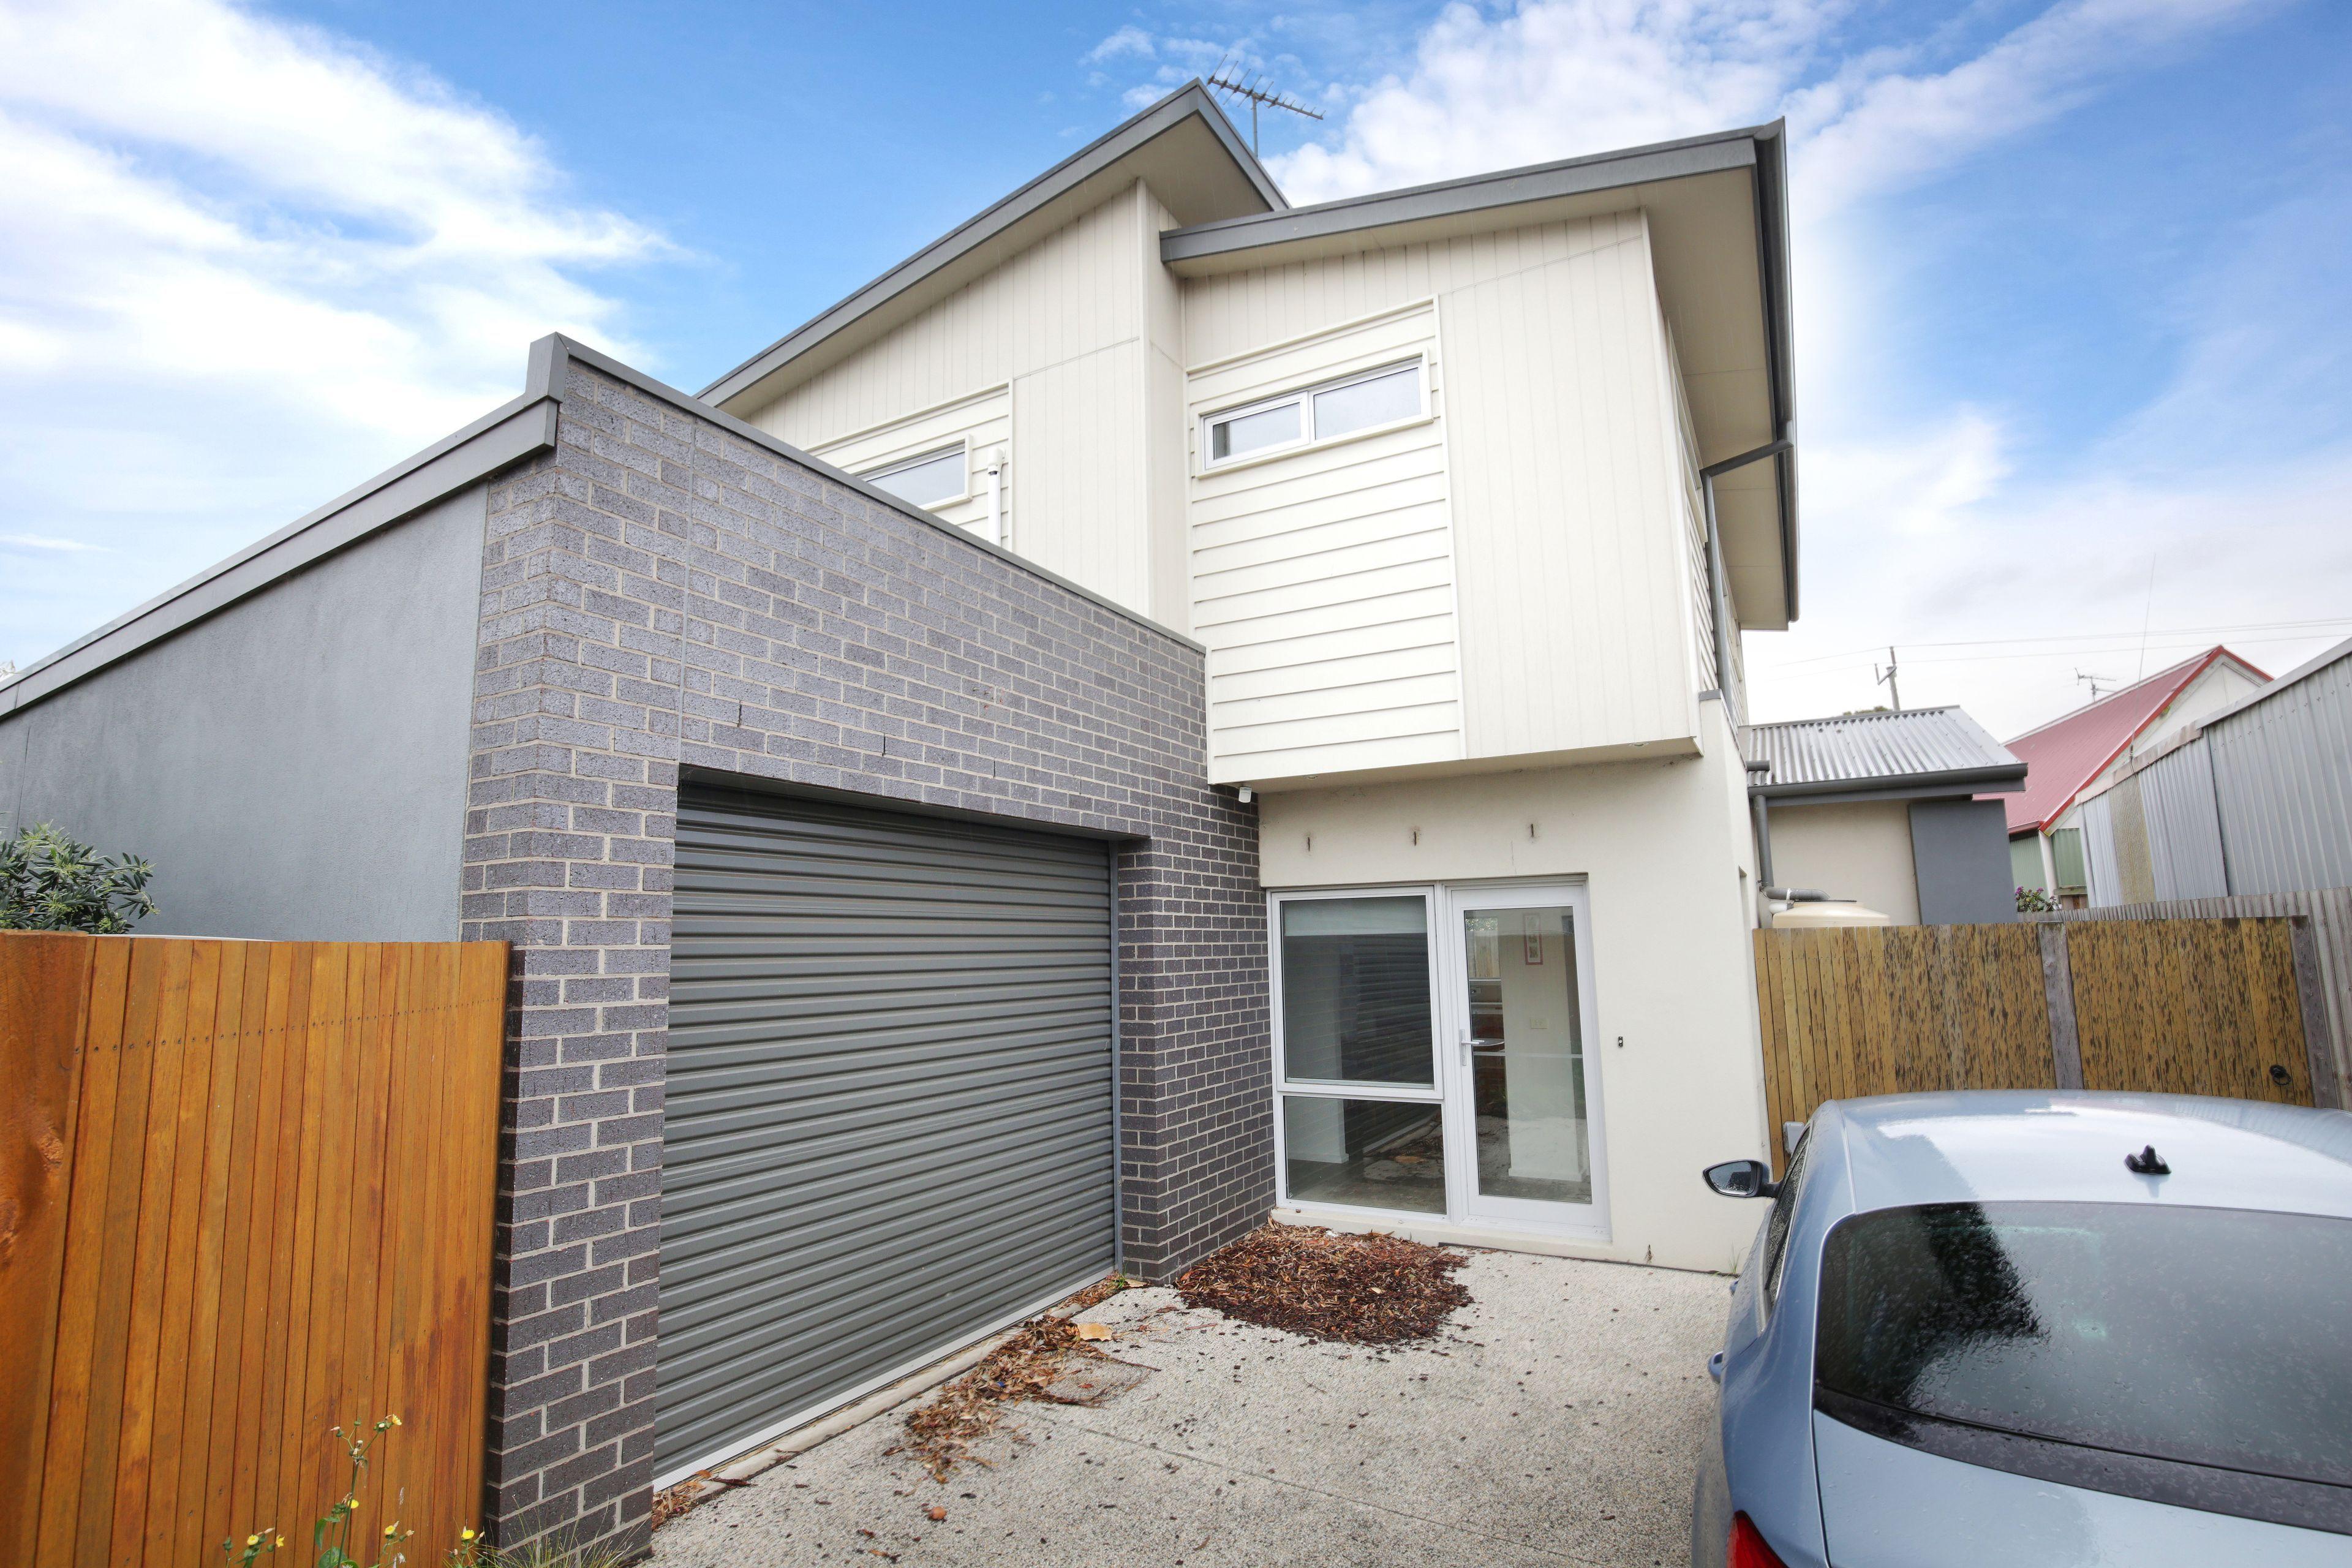 2/27 Richmond Crescent, Geelong VIC 3220